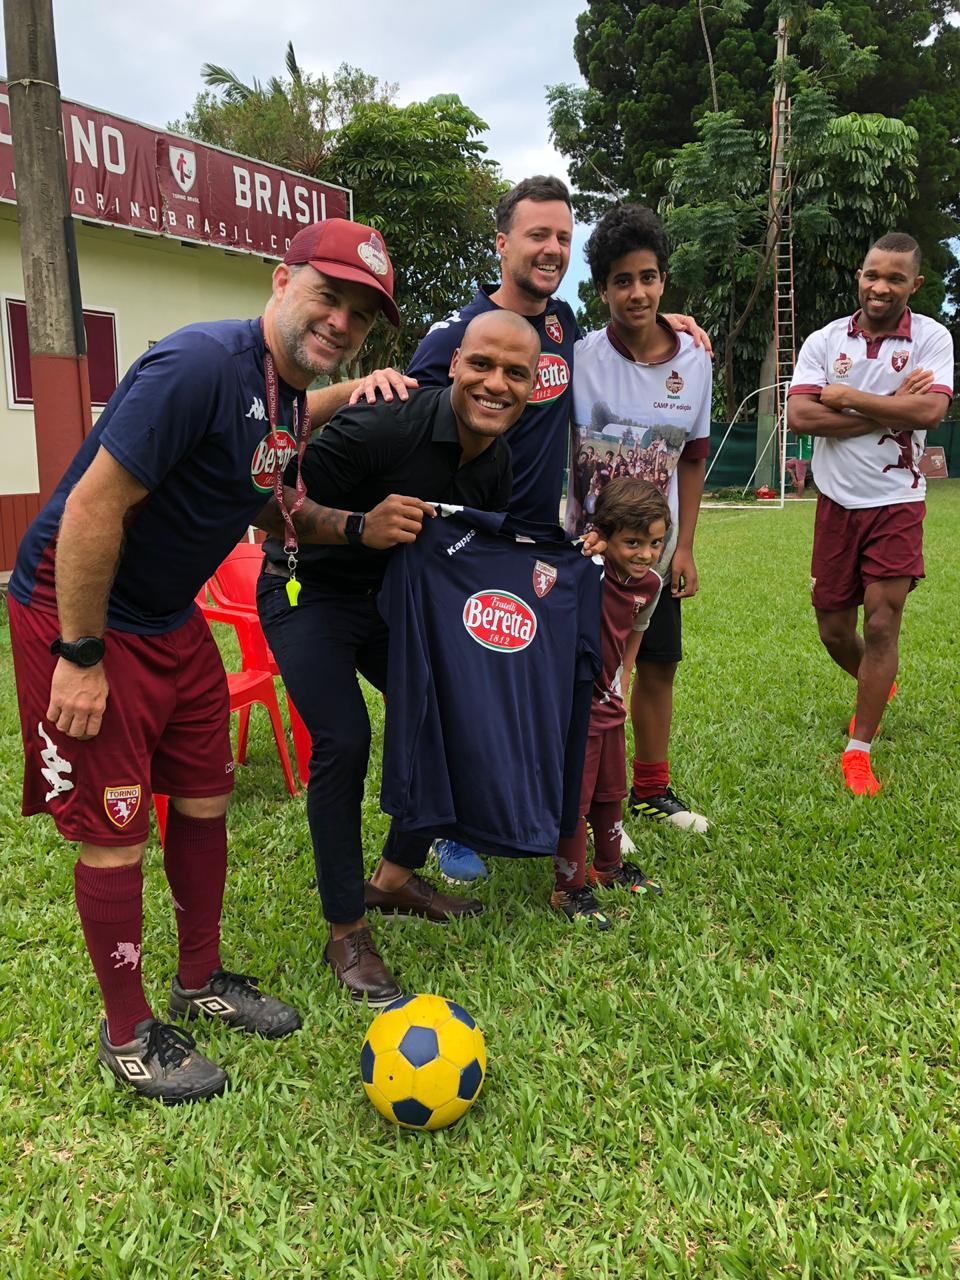 De férias em Florianópolis, Patric, lateral-direito do Atlético Mineiro, visita o Torino FC Academy Brasil